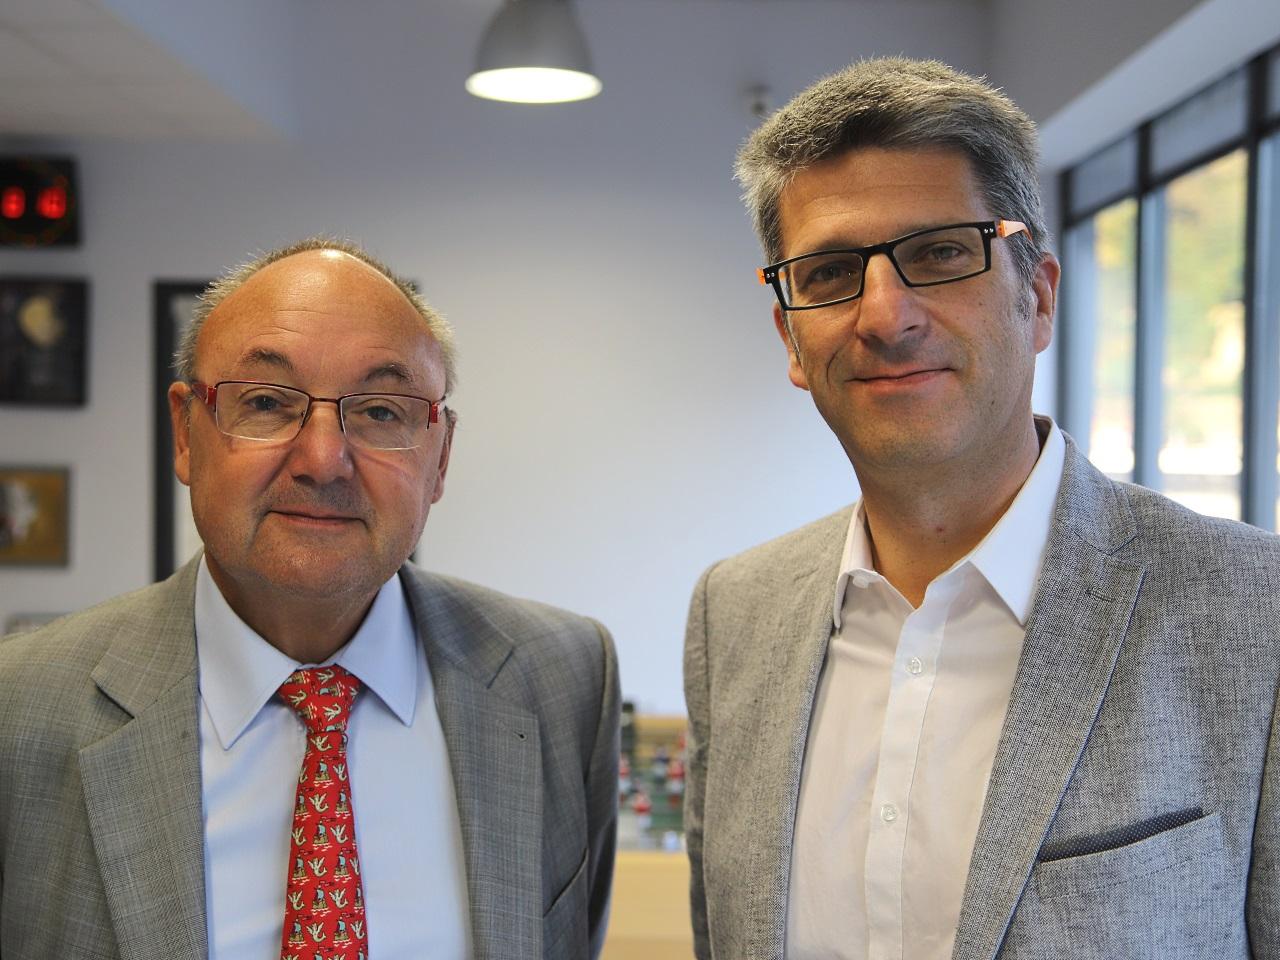 """Lyon Mag/Jazz radio : Christophe Geourjon : """"Catalyser des idées nouvelles pour la Métropole de Lyon à 10, 20 ou 30 ans"""""""